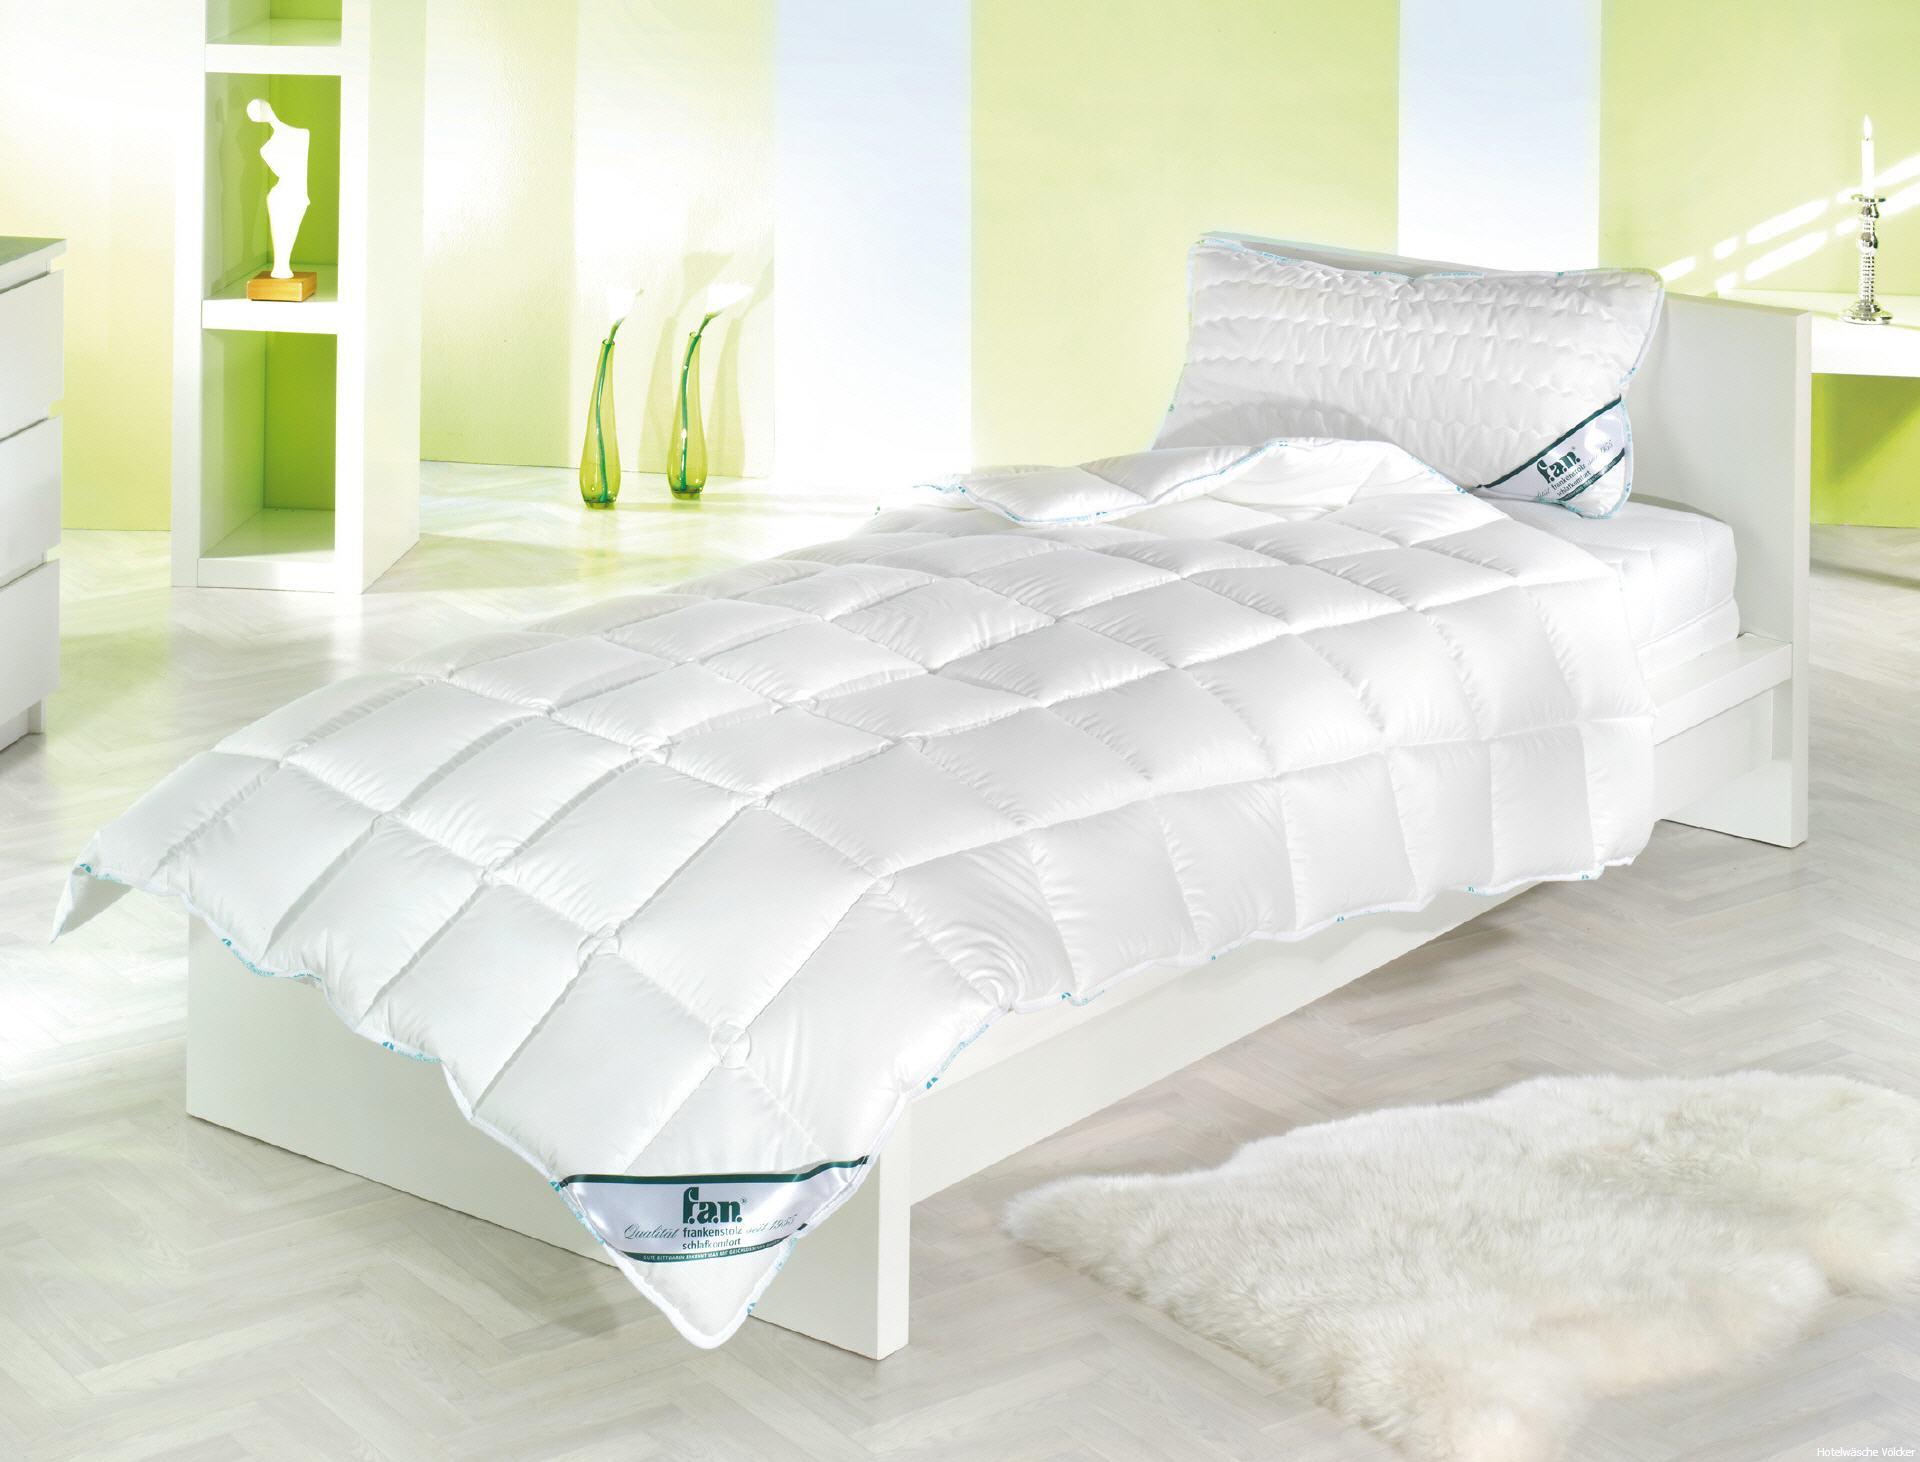 kopfkissen schonbez ge 120 gegen schwei und kosmetik f r hotel gastronomie gastrotex. Black Bedroom Furniture Sets. Home Design Ideas